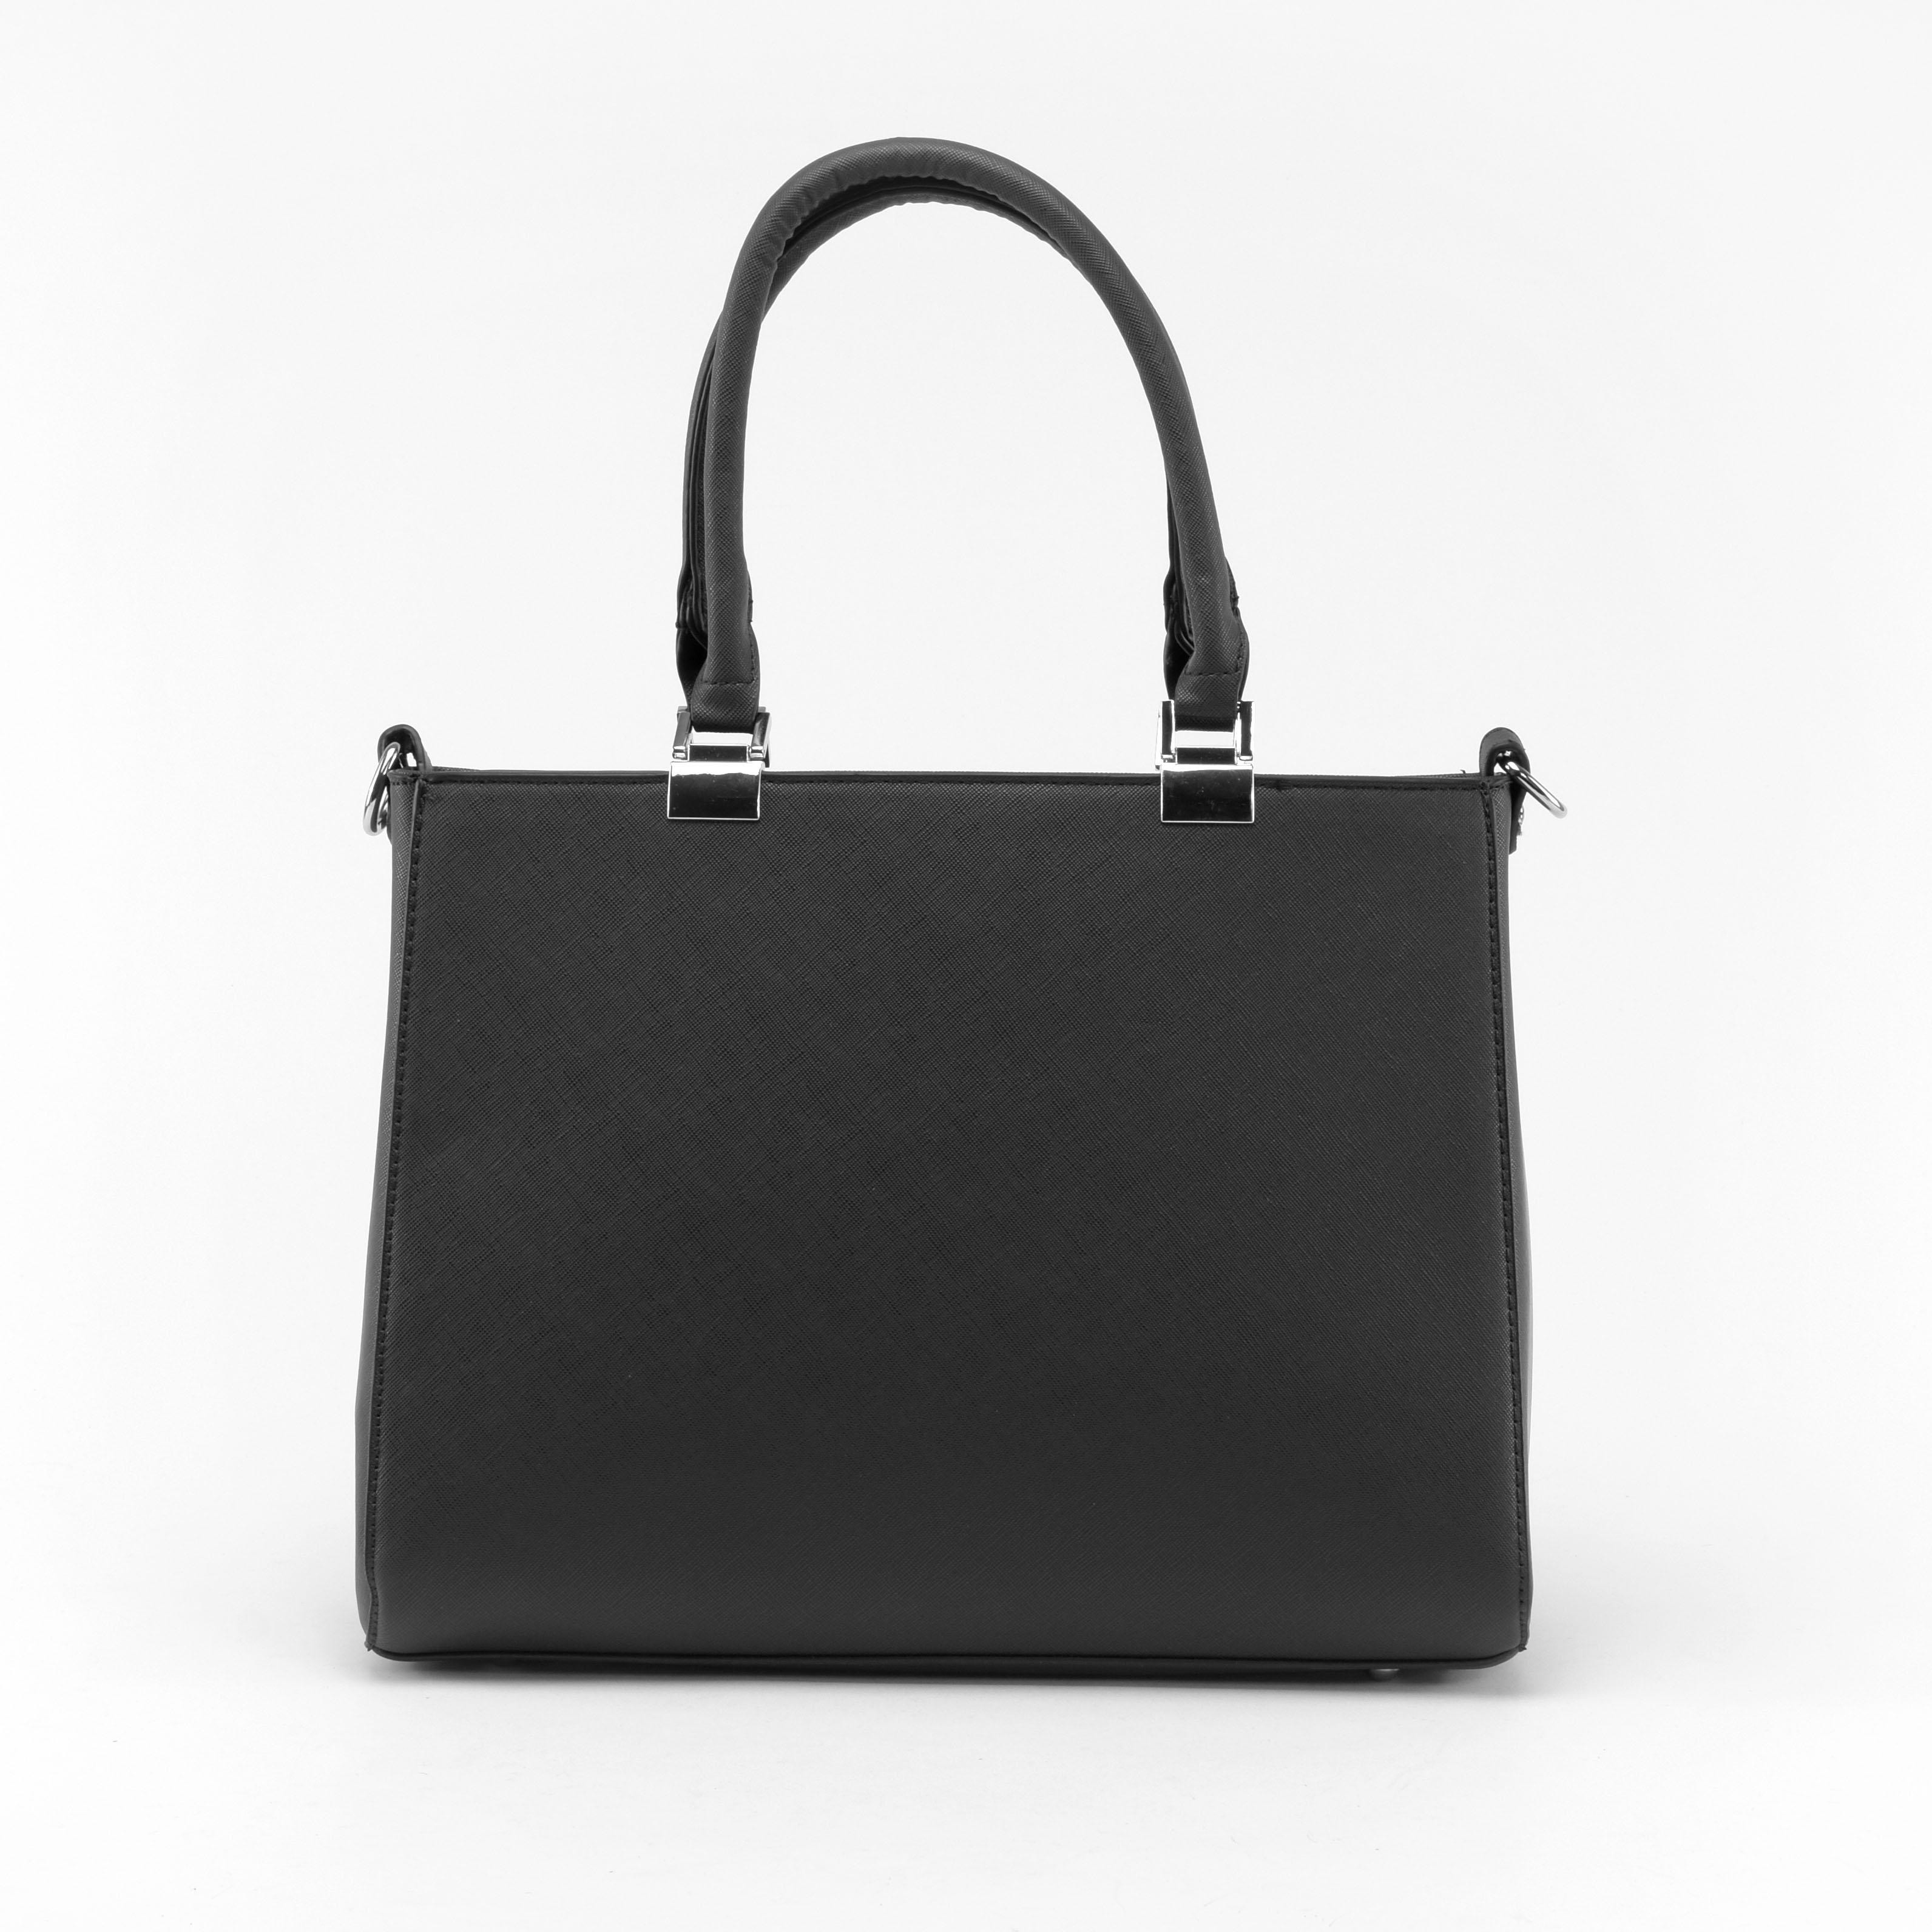 ffaf9fad19f8 Női Fekete Merev Műbőr Kézitáska - Kézitáskák - Táska webáruház - Minőségi  táskák mindenkinek